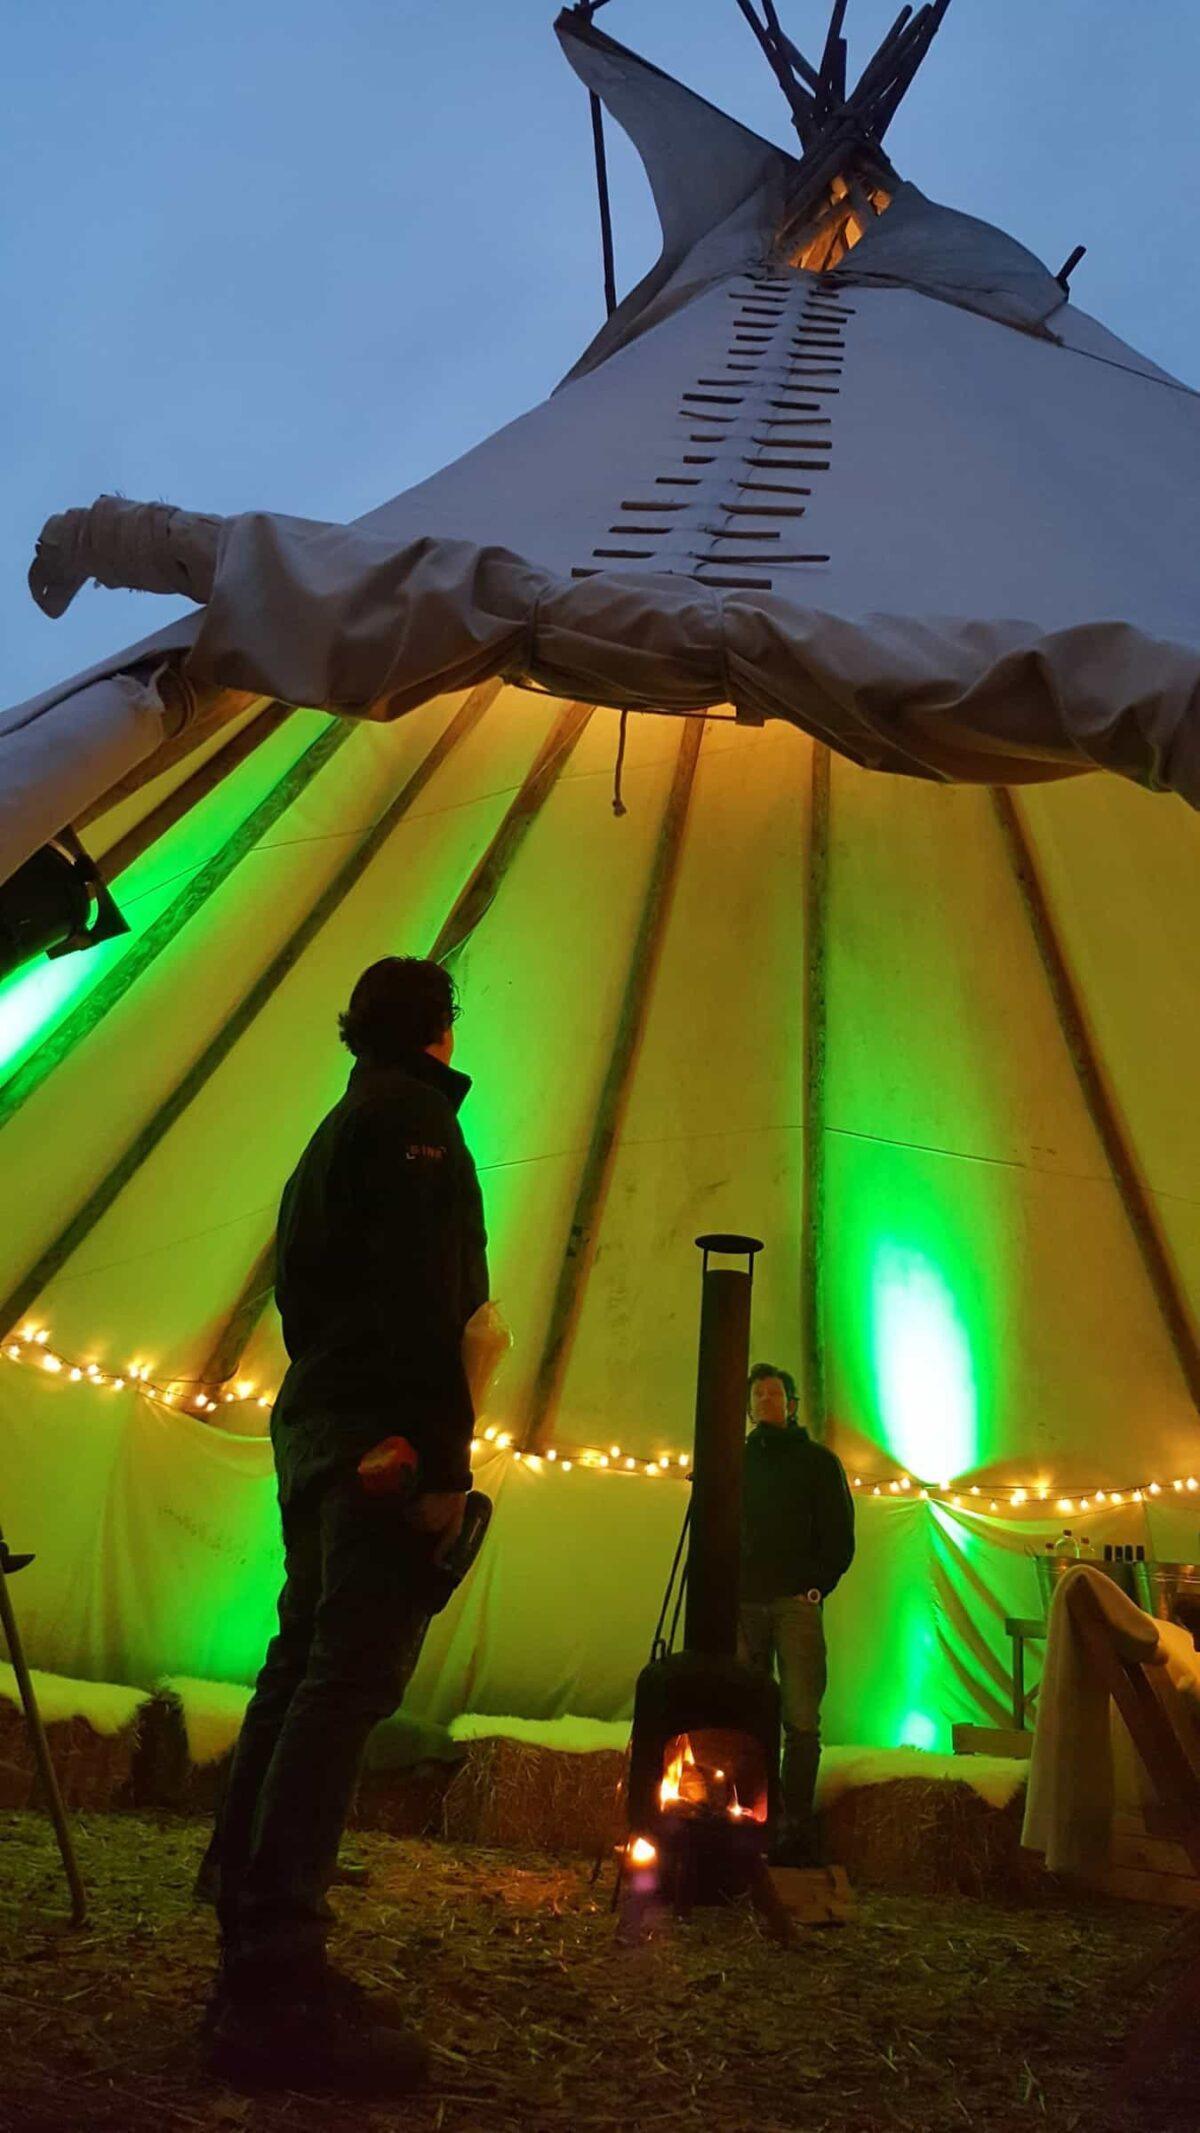 Event Inspiration - Buiten in de kuil verlichte tipitent met mensen bij een heater